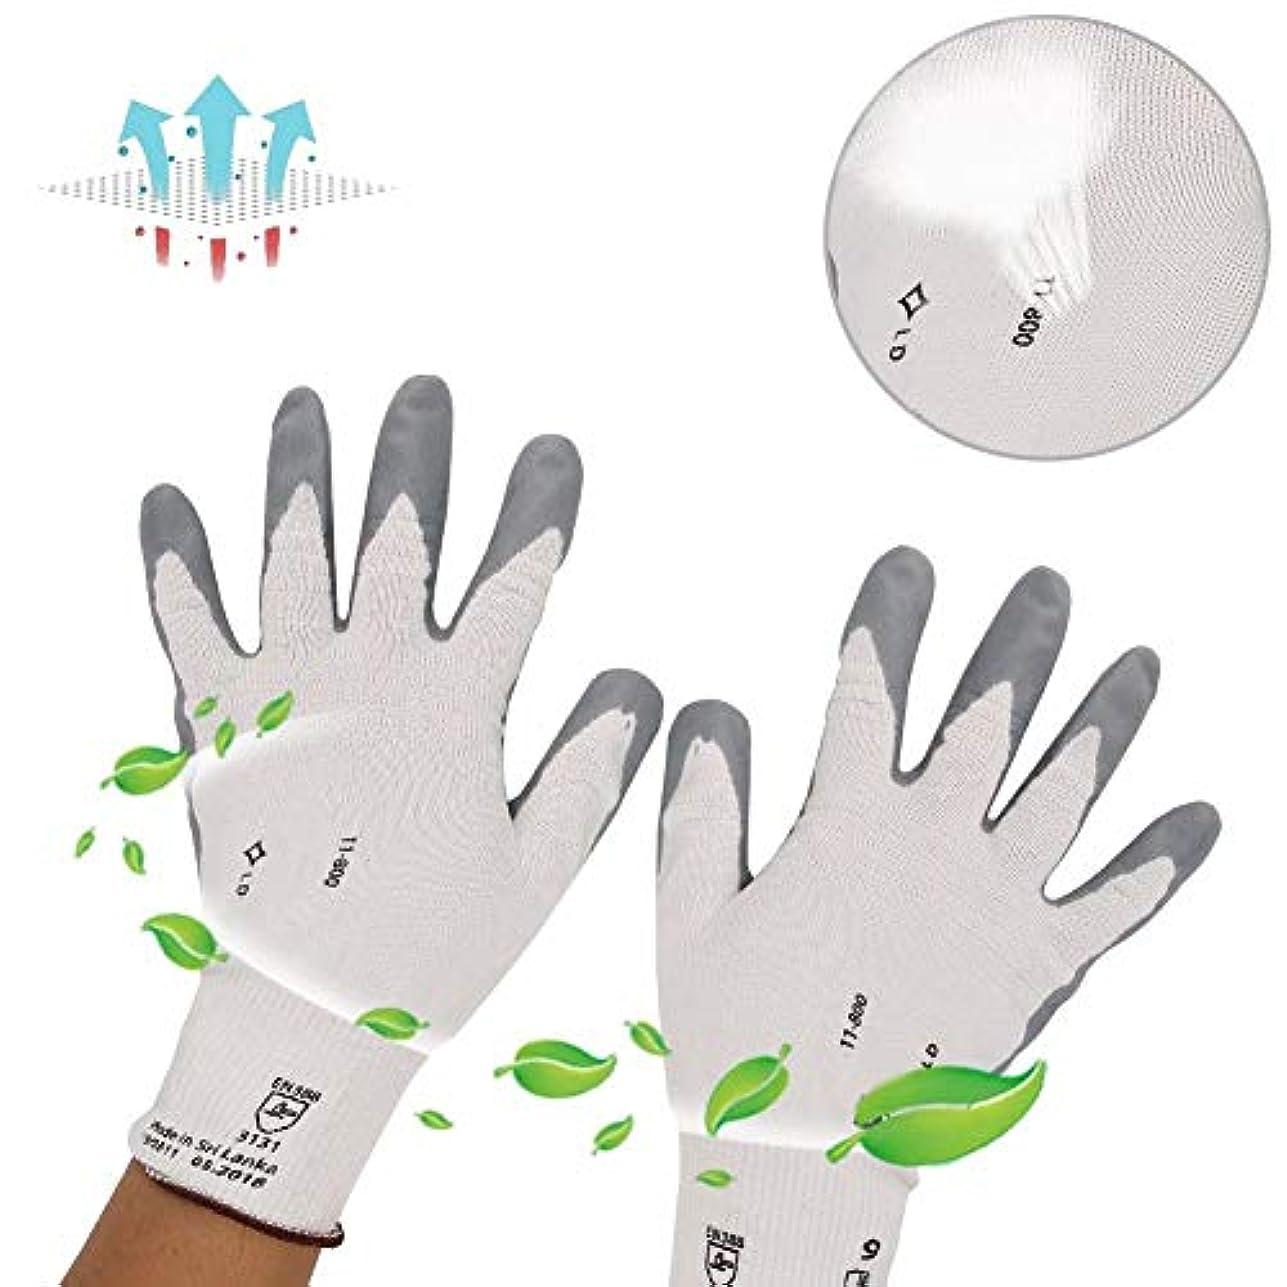 アラビア語代替無視できるユニバーサル保護手袋、ナイロンニトリルコート、滑り止め、耐摩耗性自動車用保護手袋、産業用(XL)